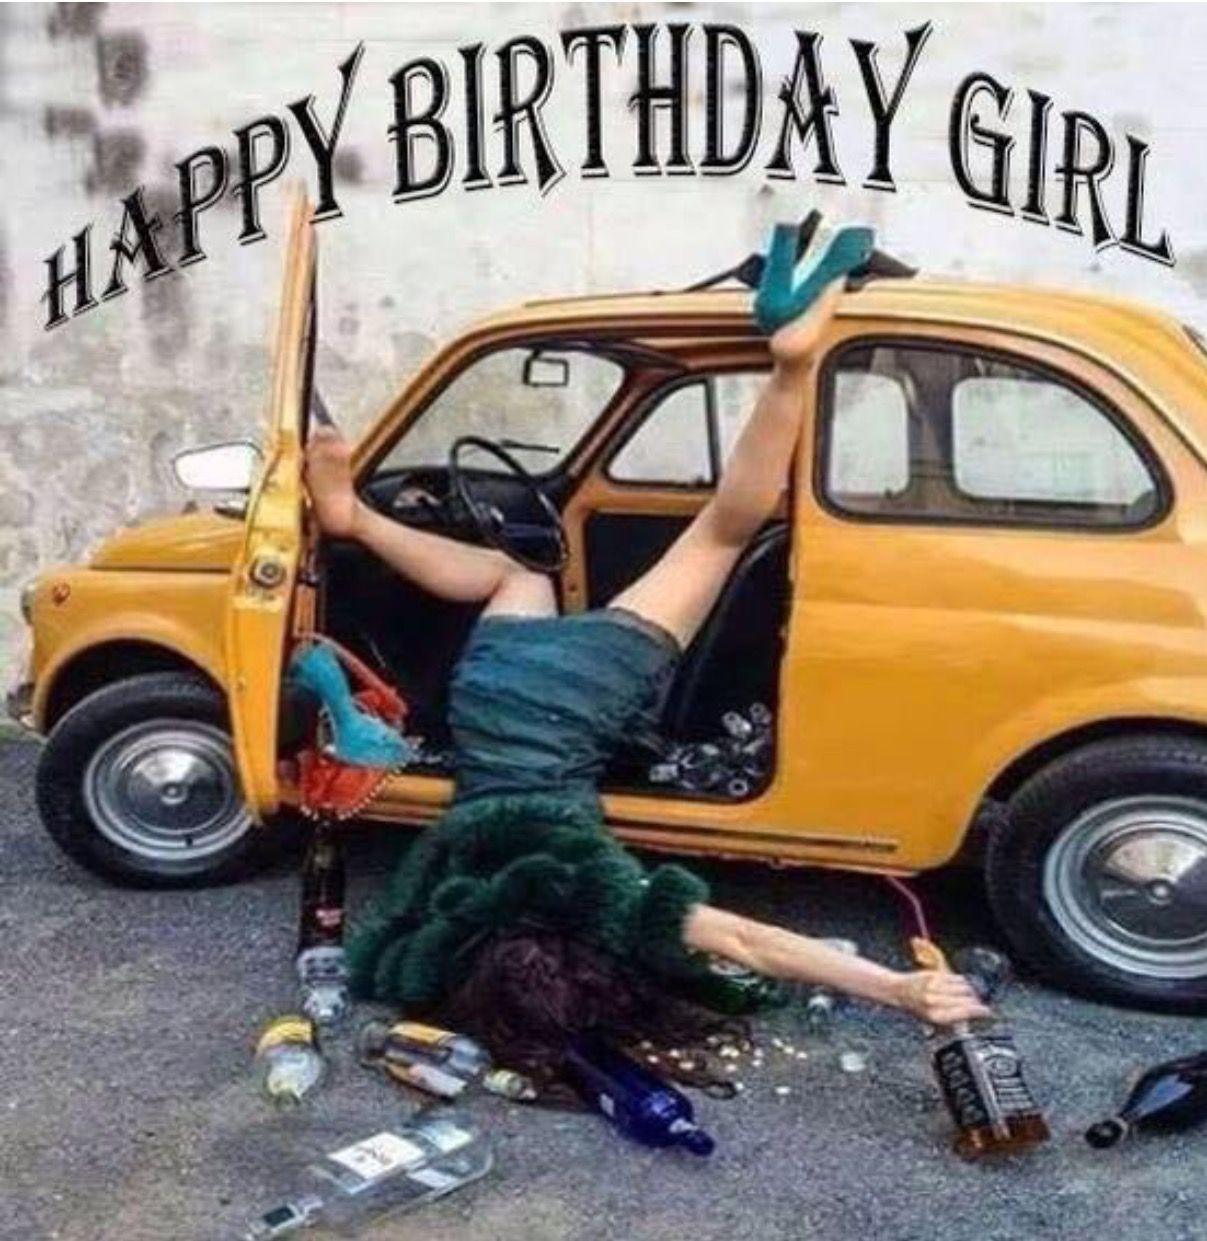 Geburtstage, Zum Geburtstag, Feiertage, Witzig, Alles Gute Zum Geburtstag  Lustige E Card, Humor Geburtstag, Lustige Geburtstagsgratulationen, Alles  Gute Zum ...